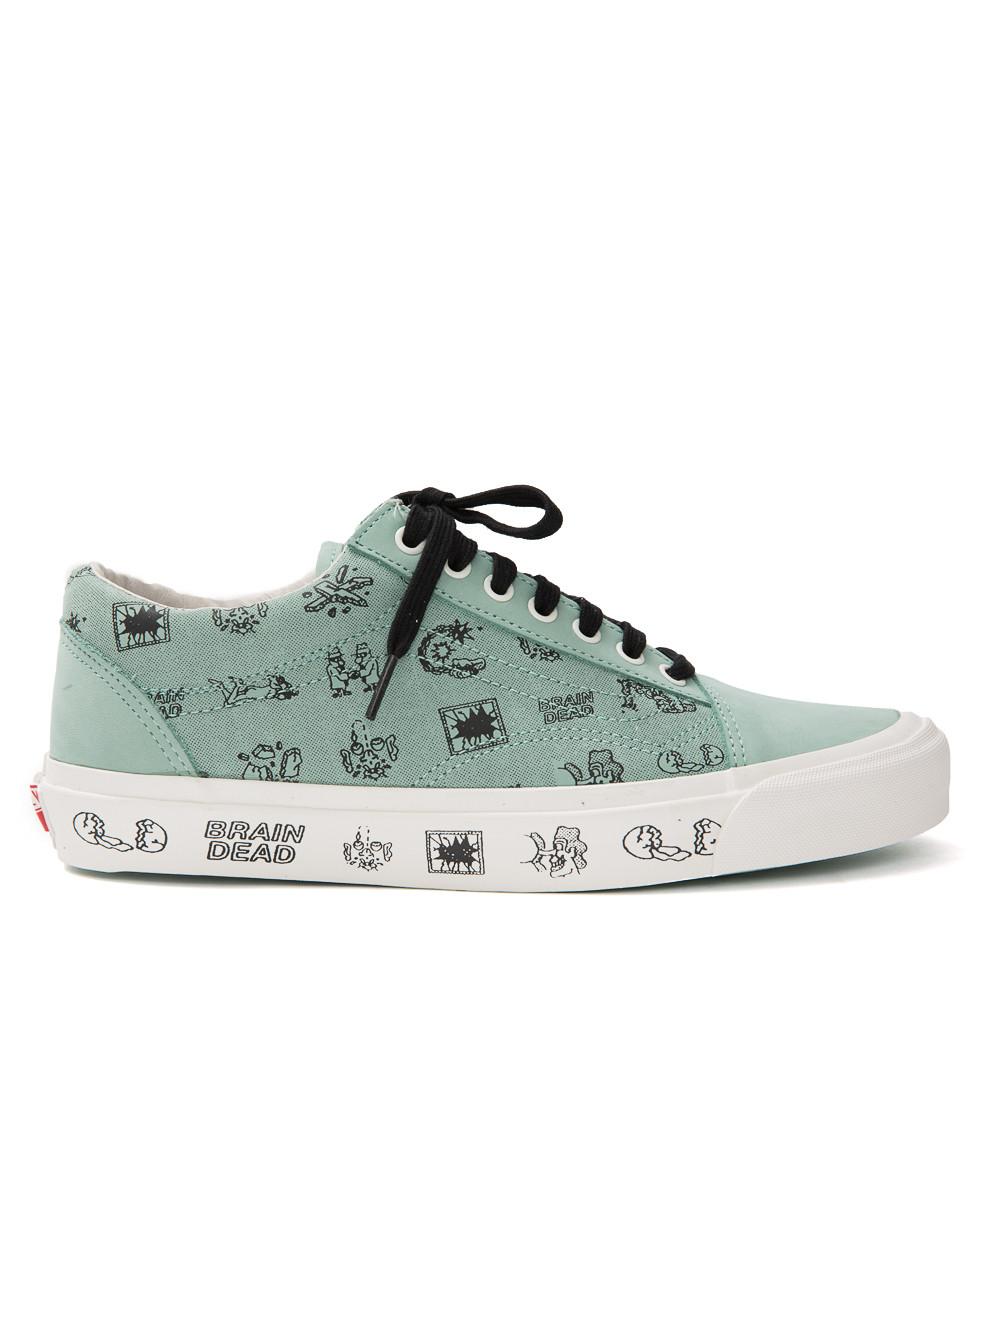 Vans X Brain Dead Old Skool Sneakers